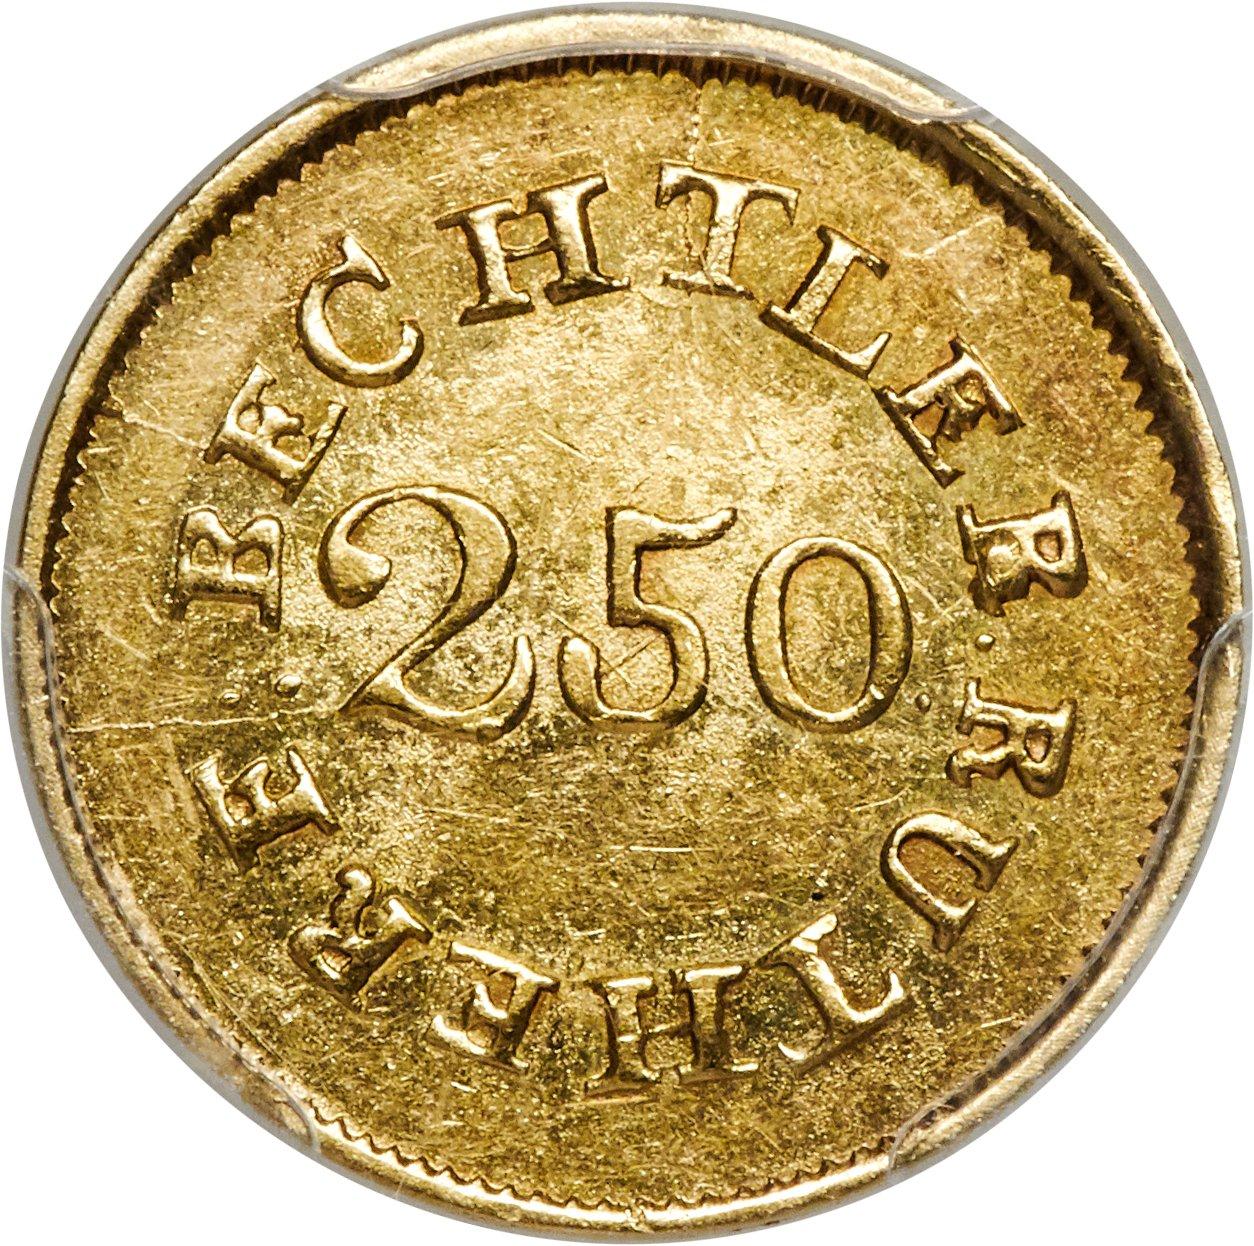 sample image for C.Becht $2 1/2 67 GR, 21C (K-10)